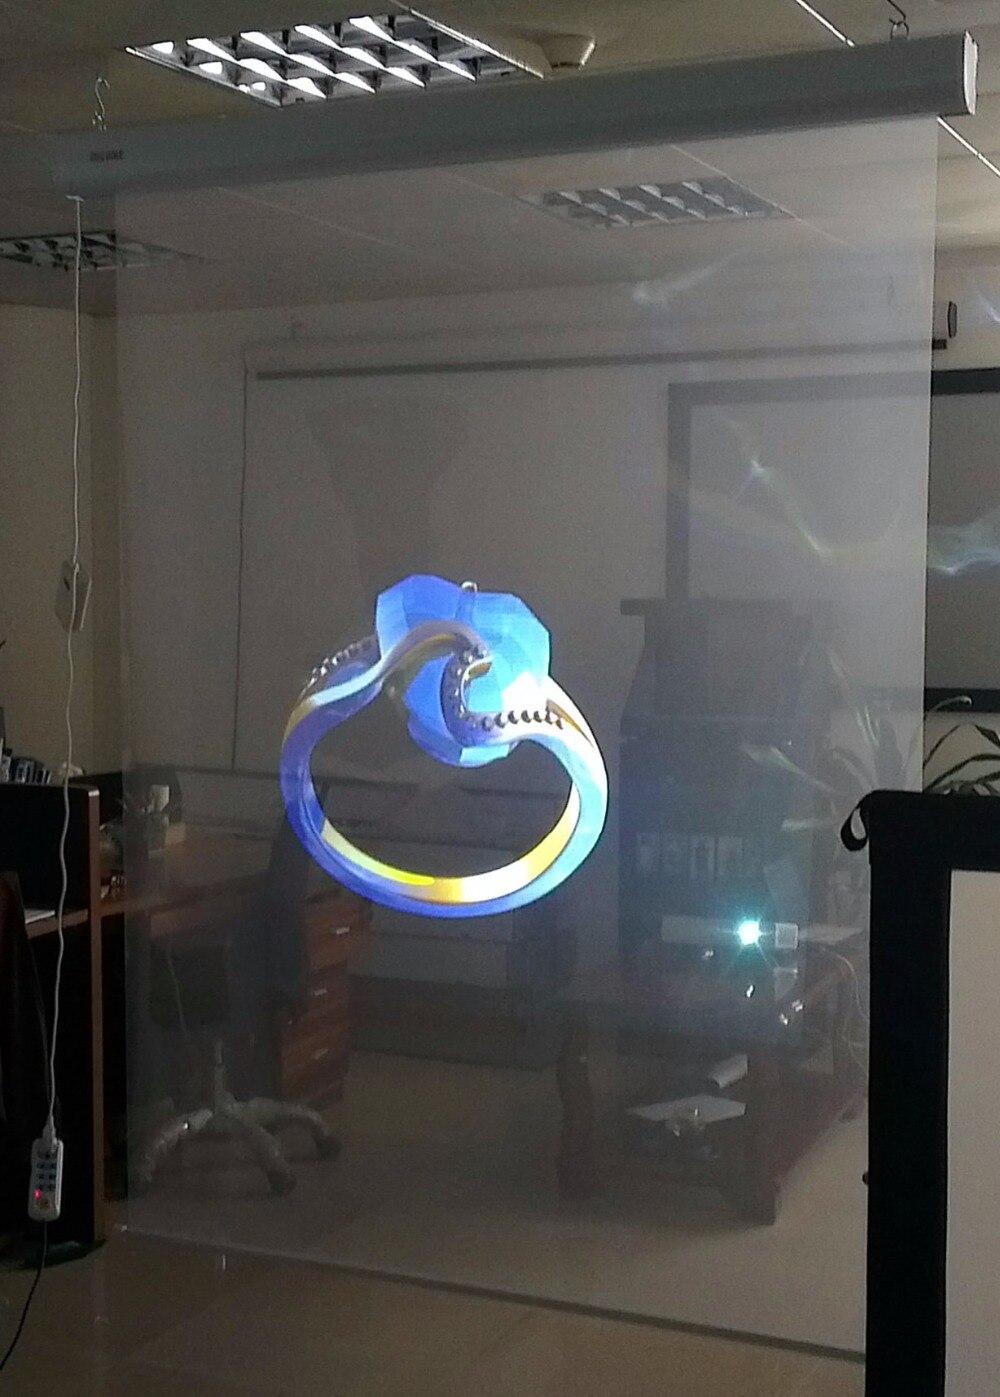 ! Film transparent d'écran de projection de film de projection arrière holographique de 1.524 m * 0.65 m pour l'affichage de fenêtre - 4